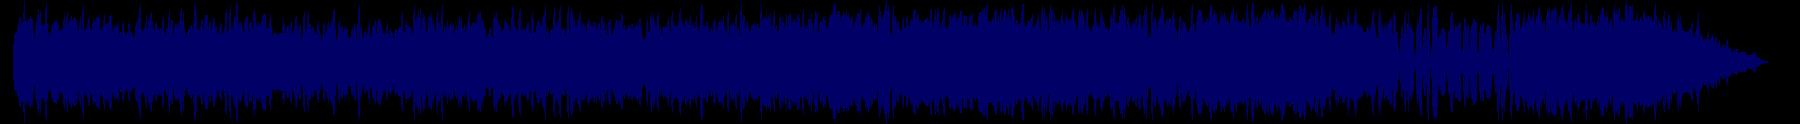 waveform of track #82677